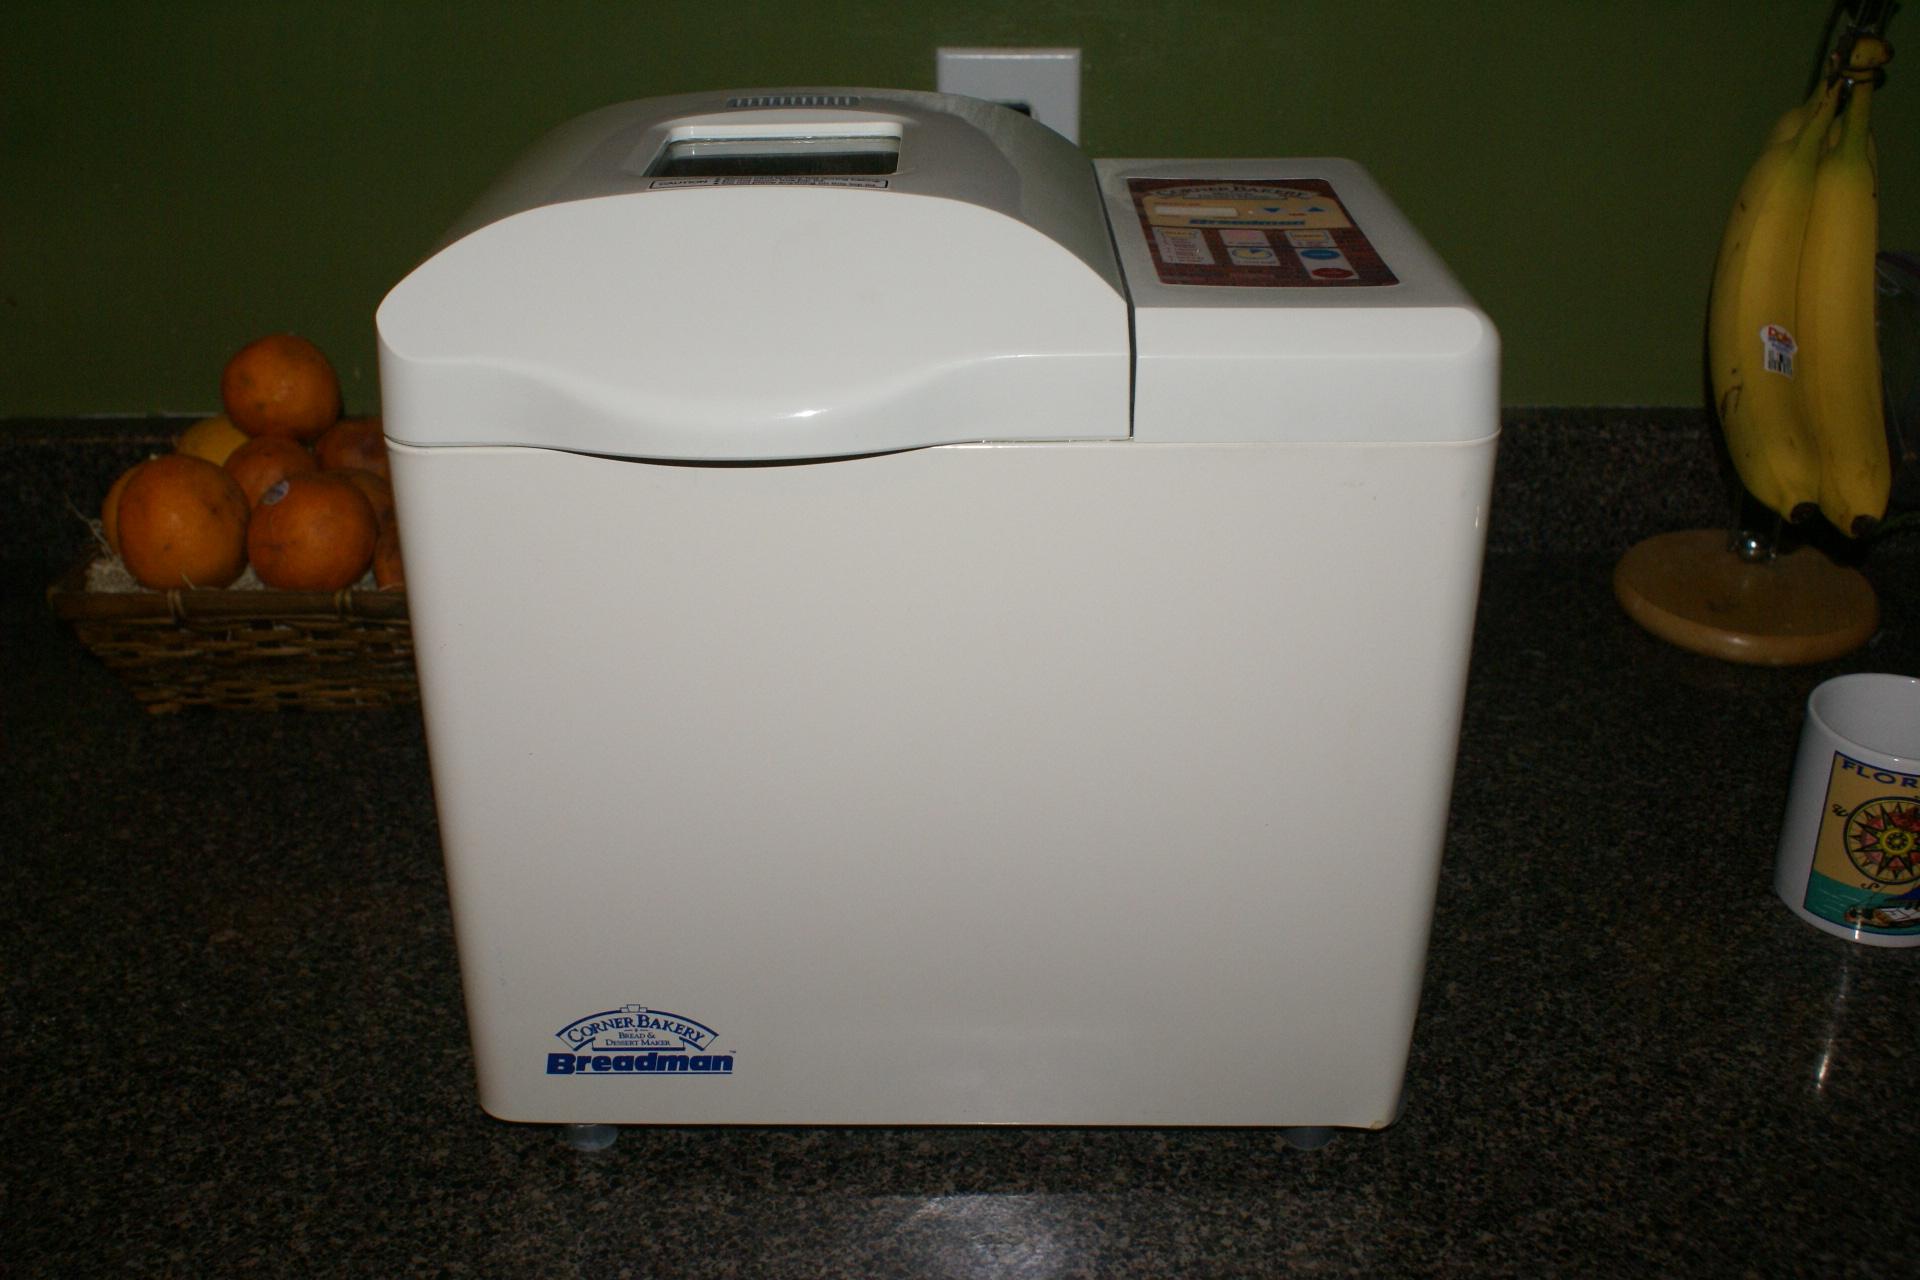 Photo of the Day: BreadMan Bread Machine